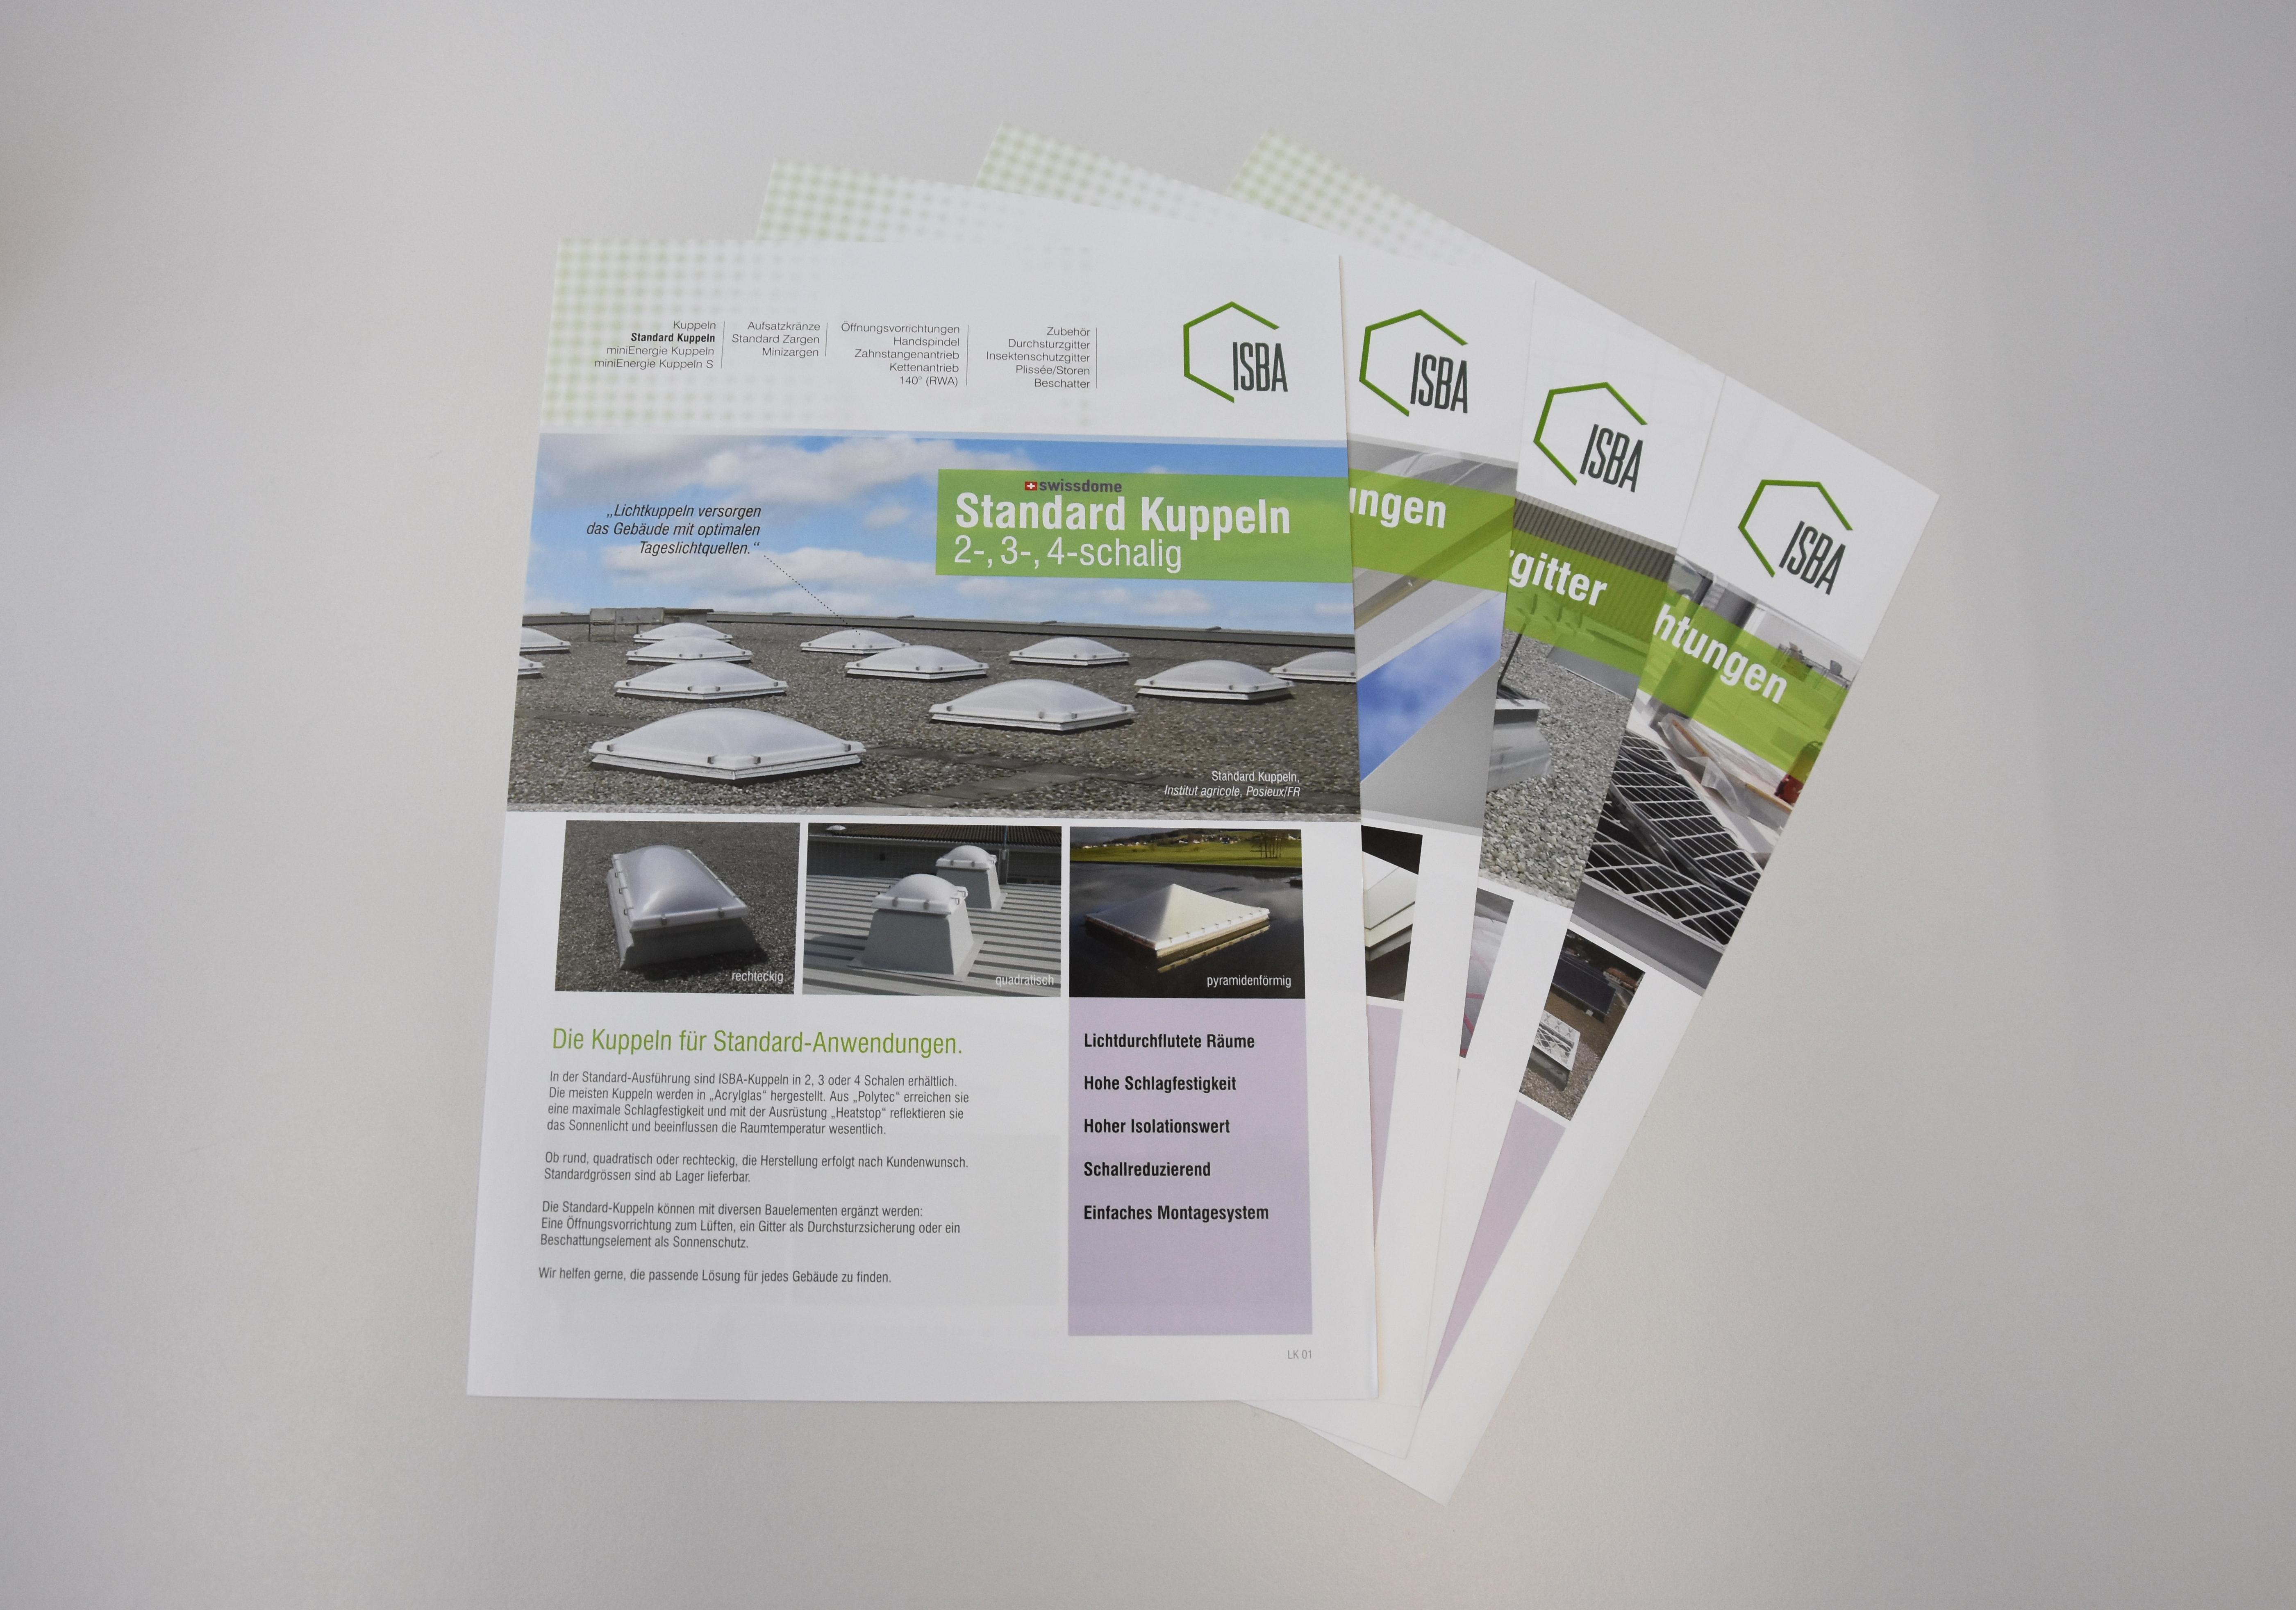 Konzept/Aufbau Factsheets mit technischen Informationen und Bildwelten